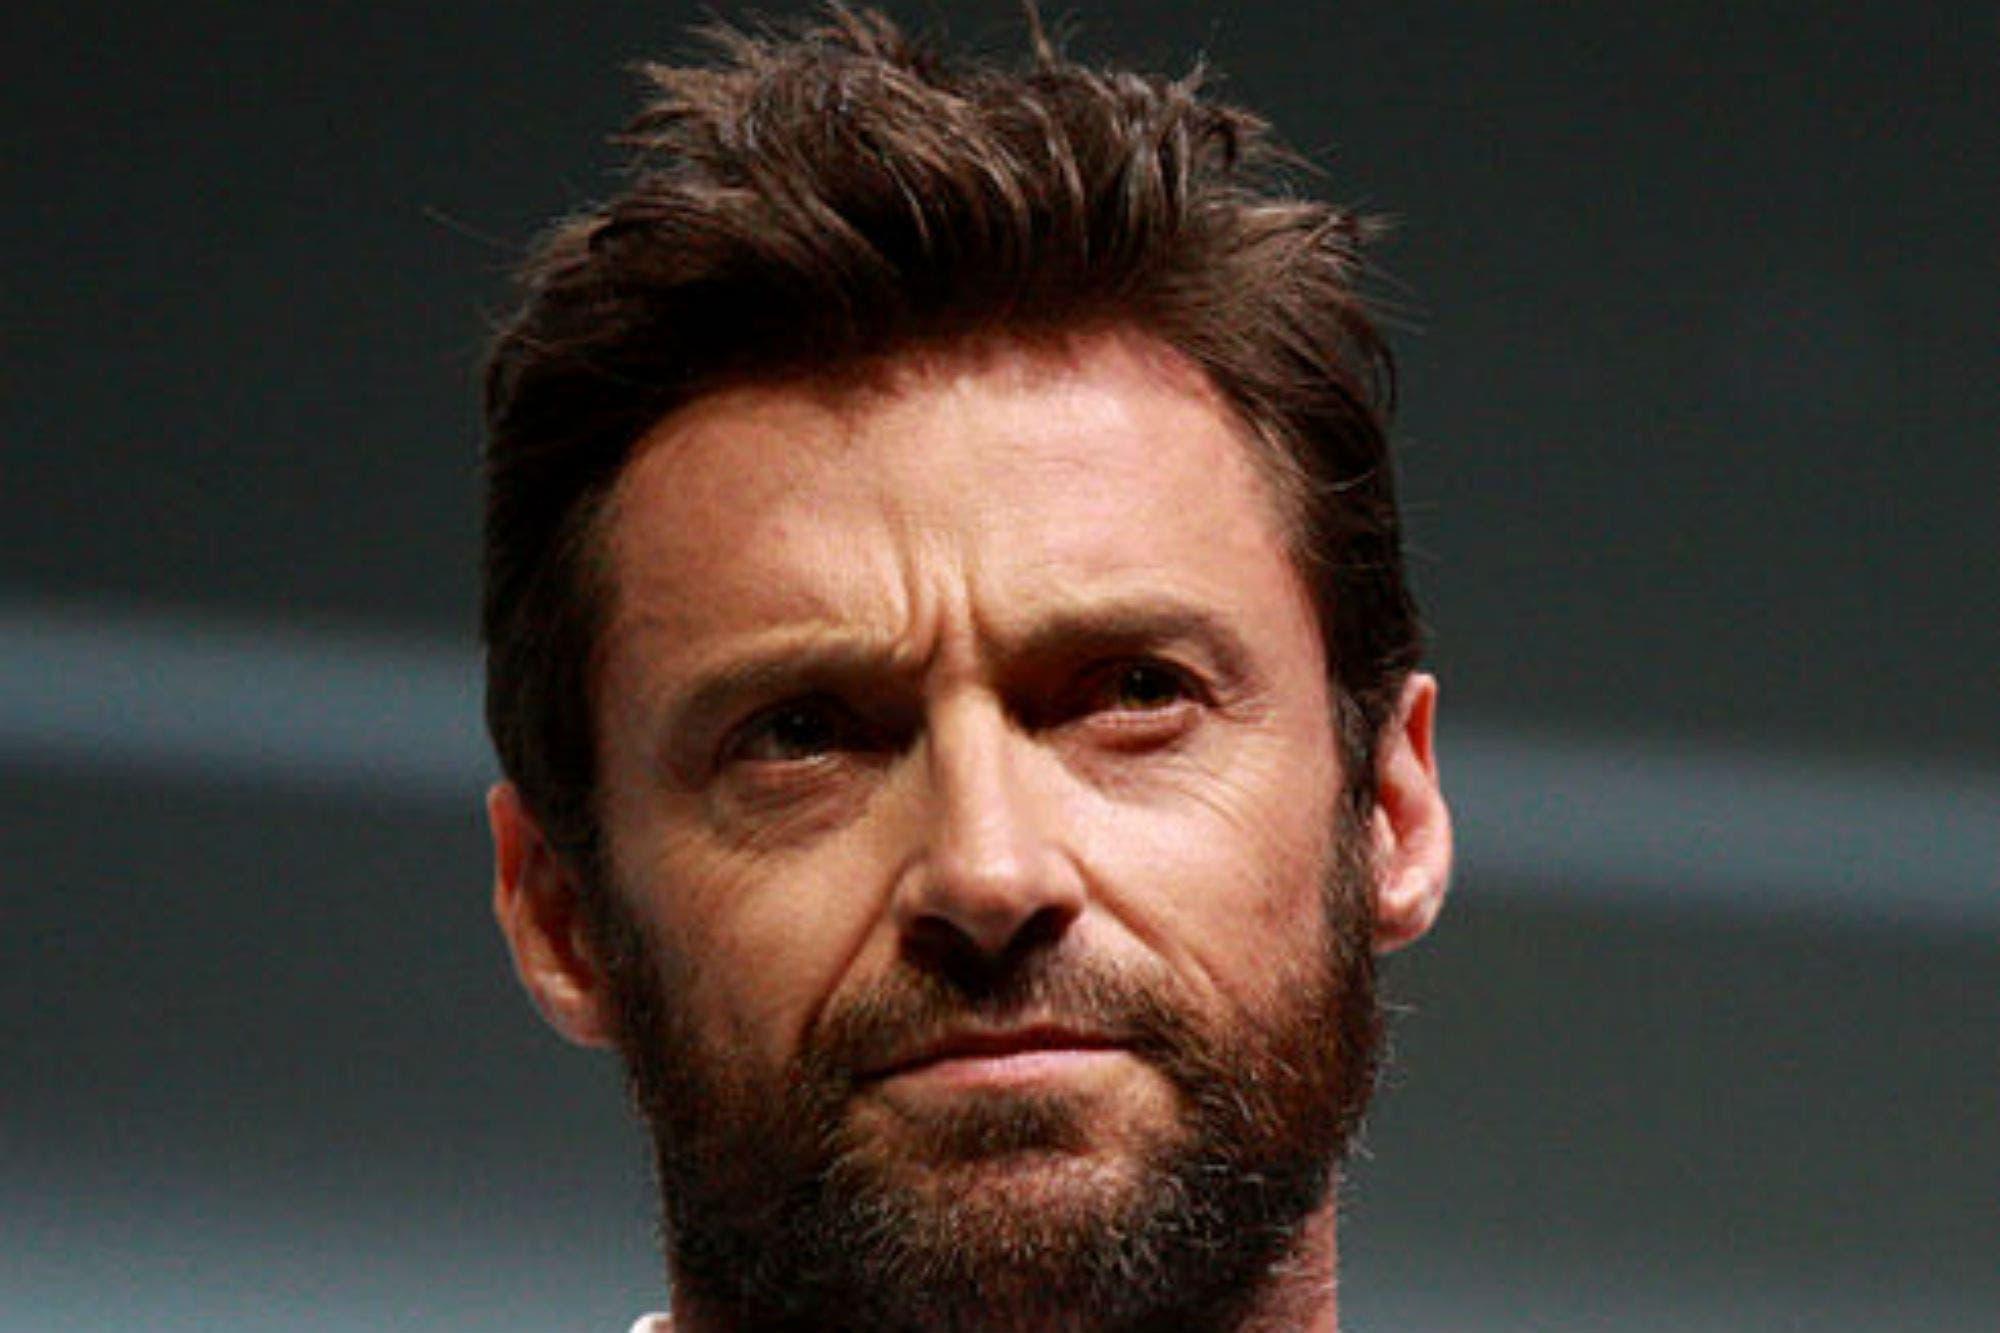 La tristeza de Hugh Jackman, Naomi Watts y Rebel Wilson por los incendios en Australia